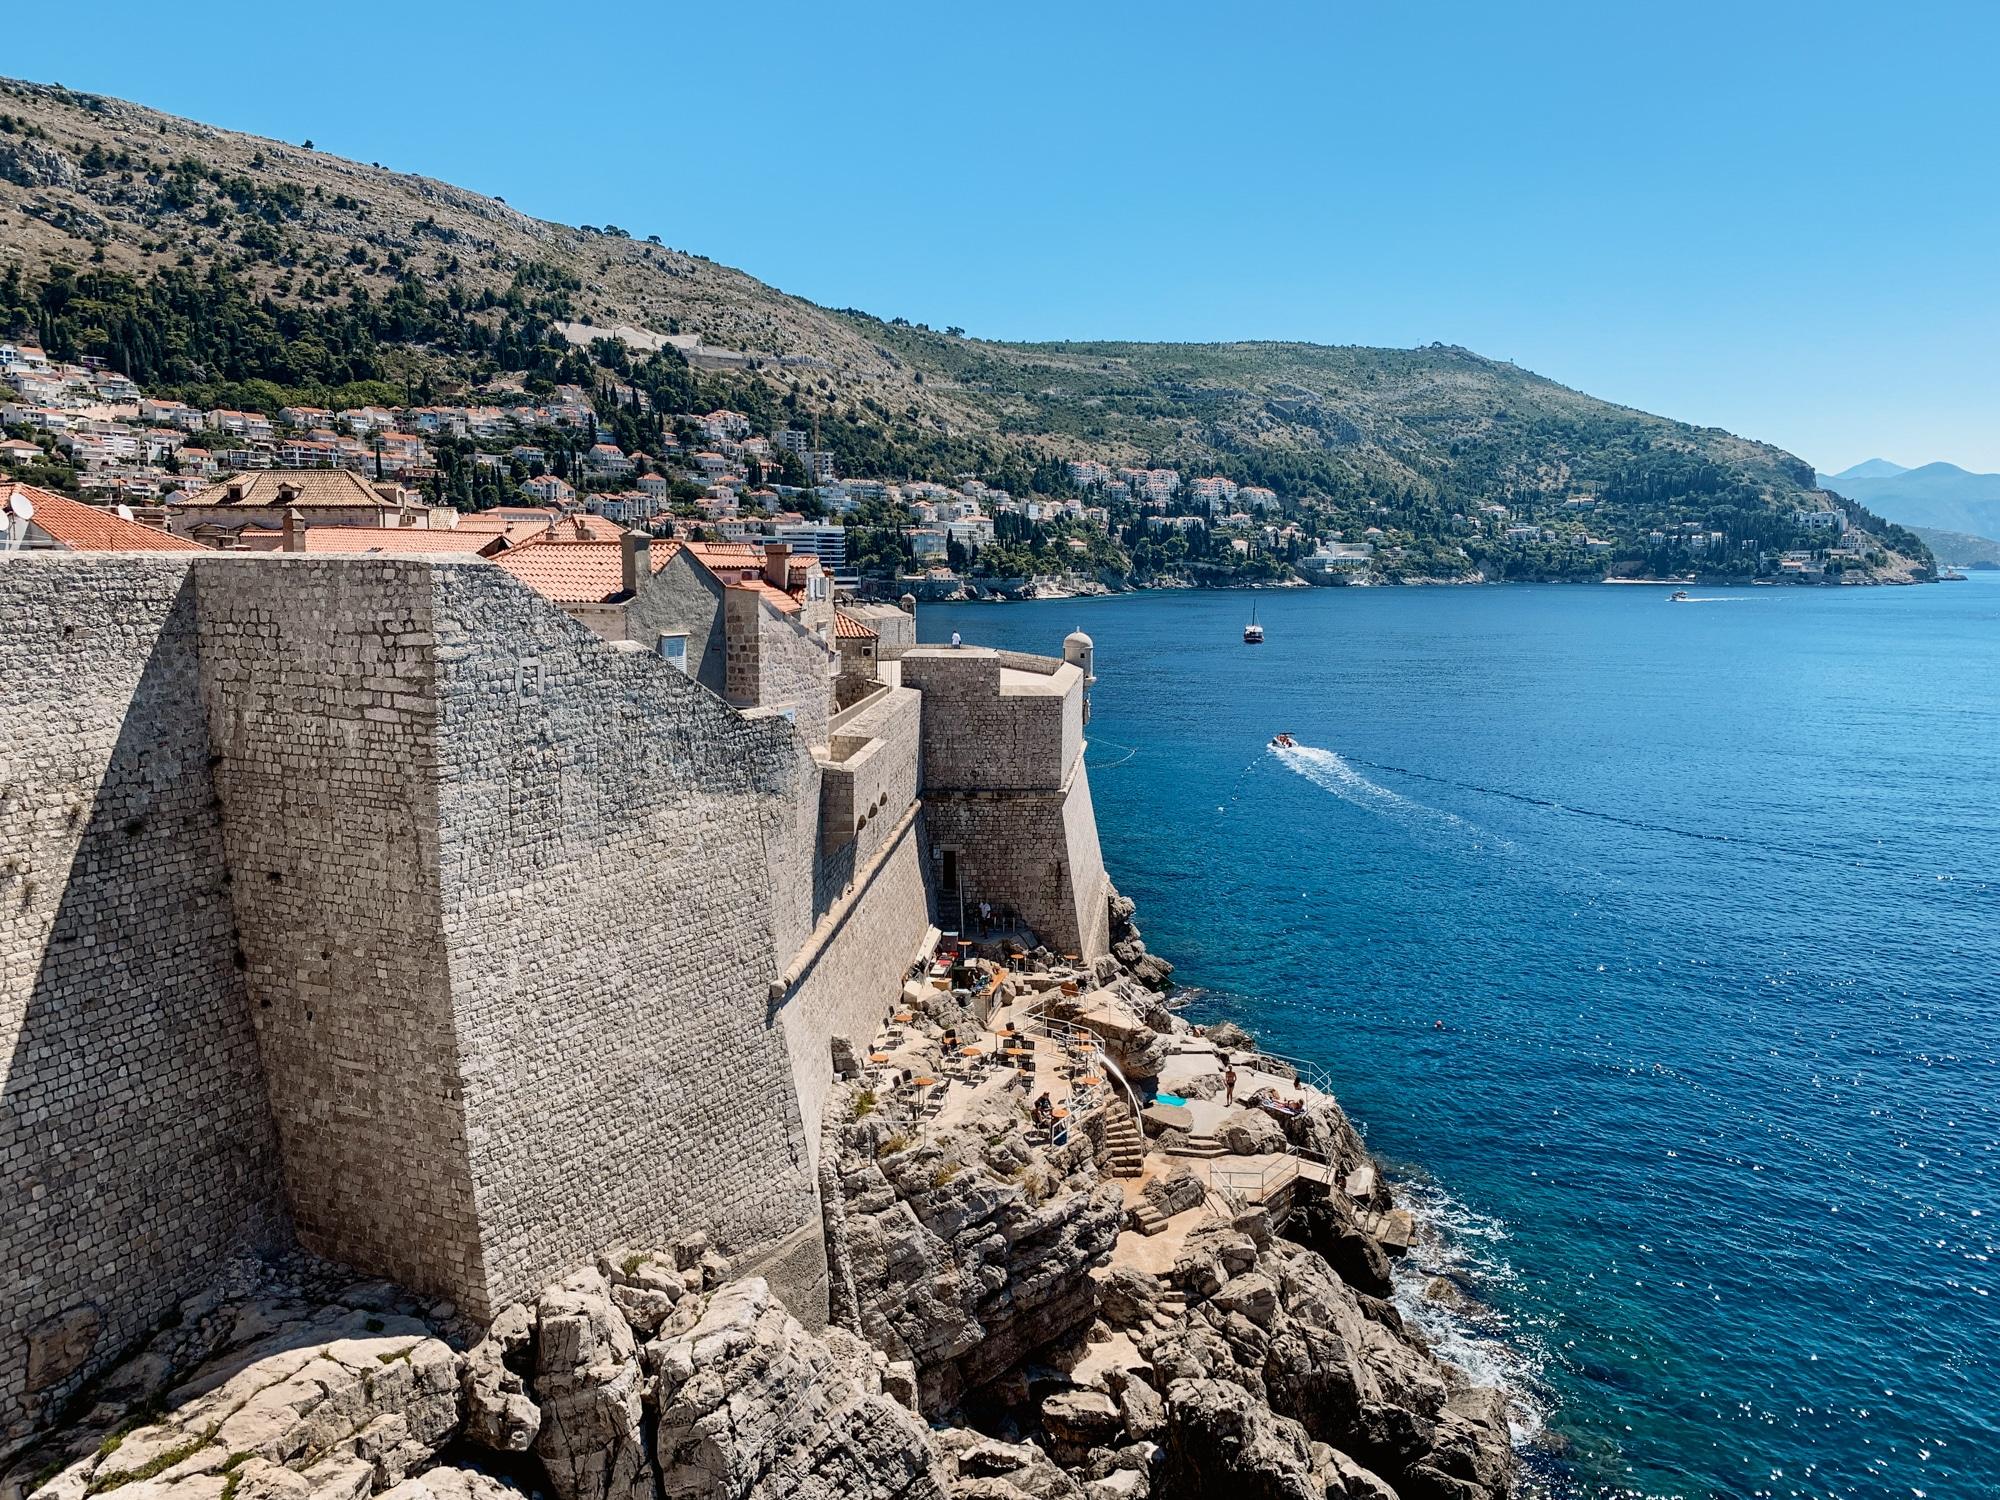 Dubrovnik Sehenswürdigkeiten Top 10: Meine Highlights und Tipps - Café Buza